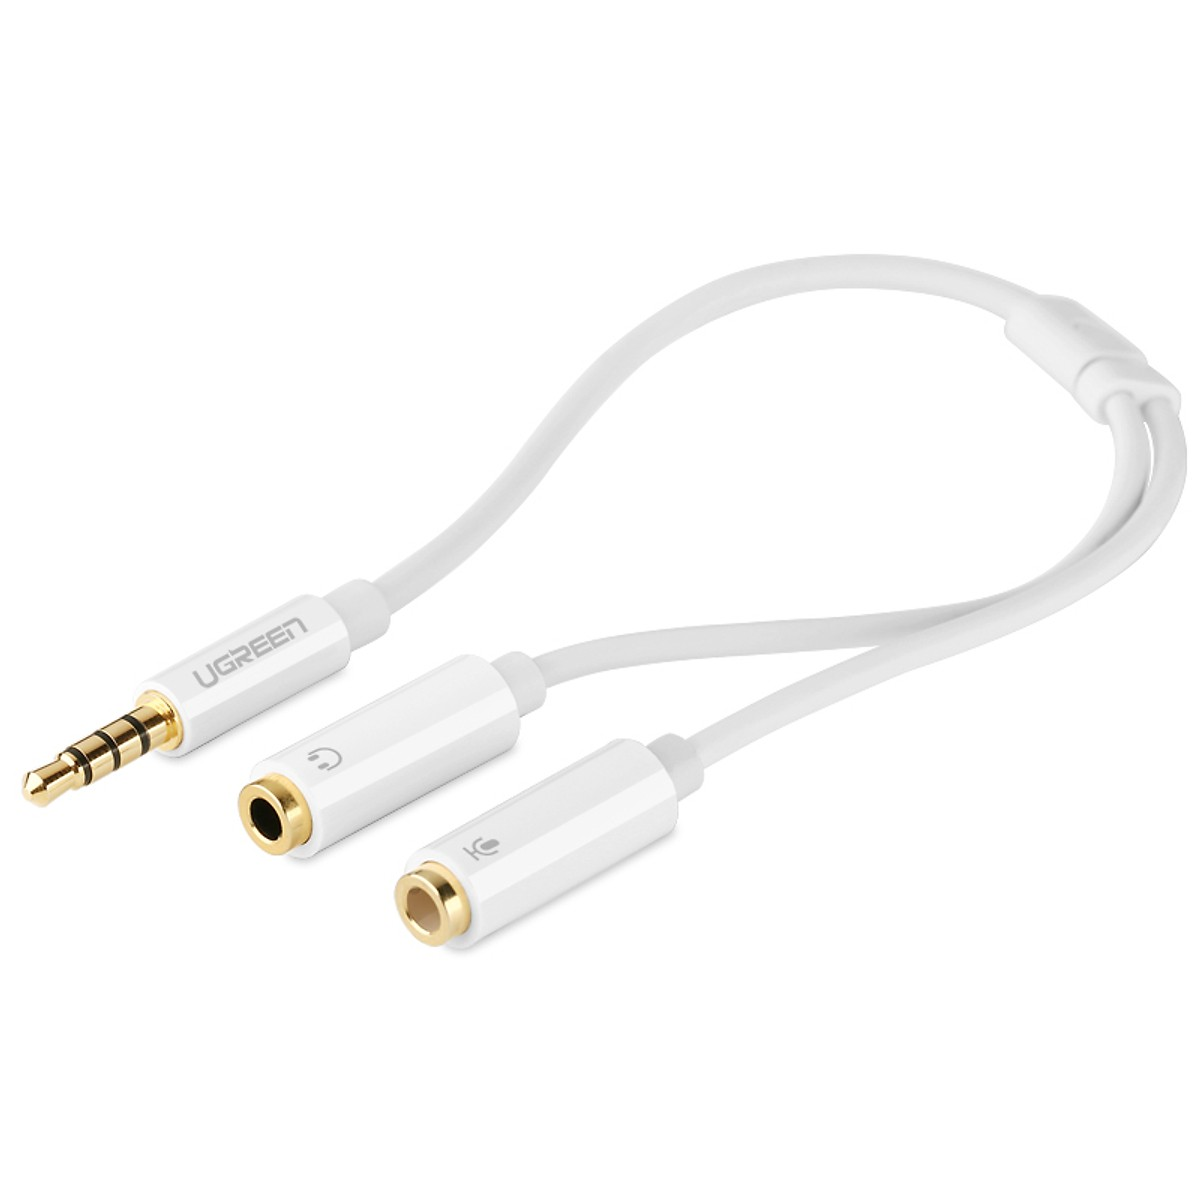 Cáp Chia Jack Ugreen Thành Mic Headphone 10789 - Hàng Chính Hãng